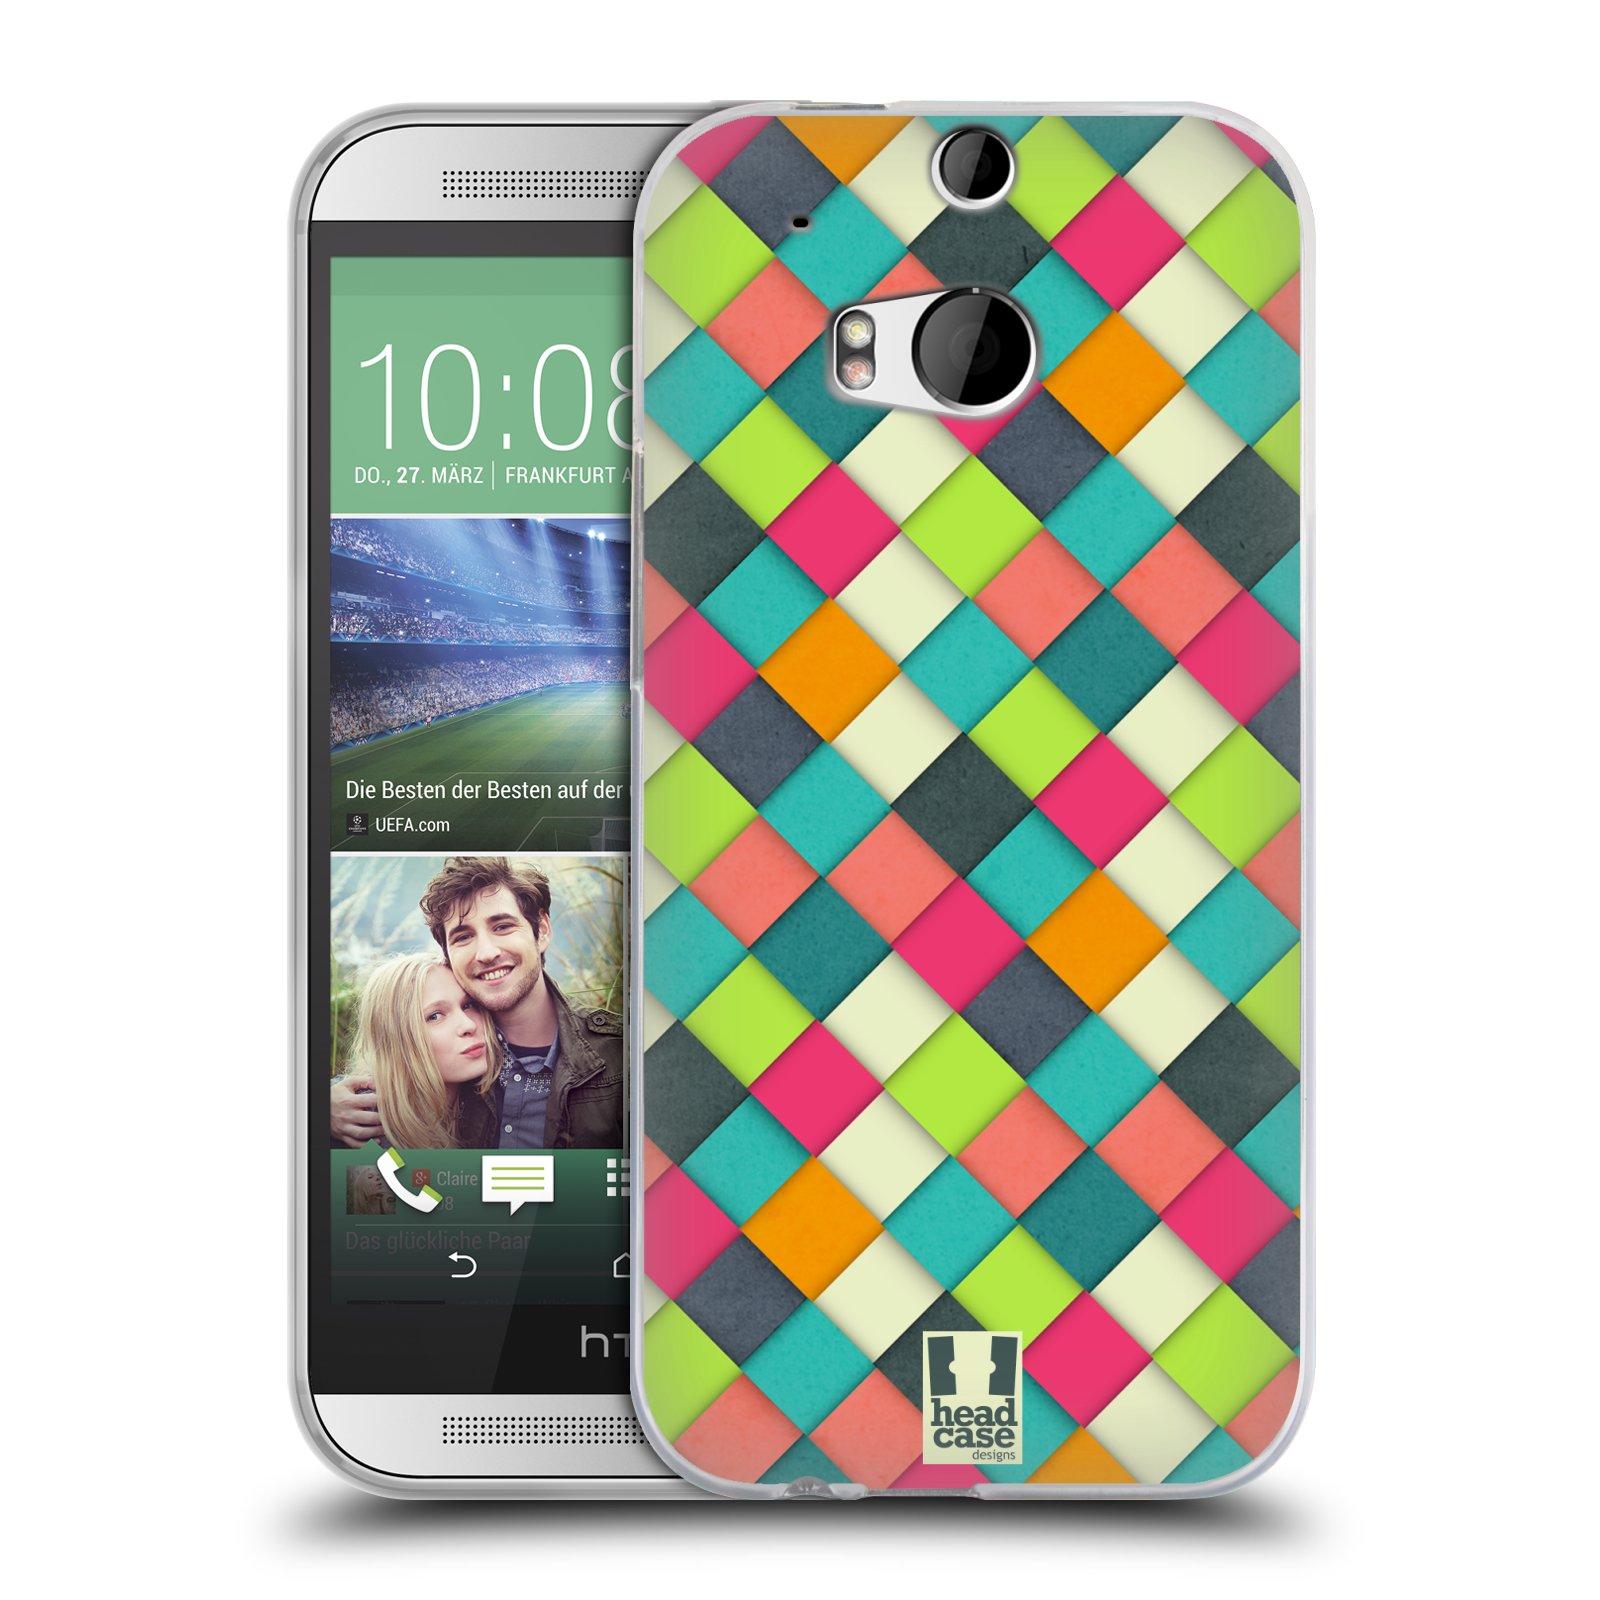 Silikonové pouzdro na mobil HTC ONE M8 HEAD CASE WOVEN (Silikonový kryt či obal na mobilní telefon HTC ONE M8)